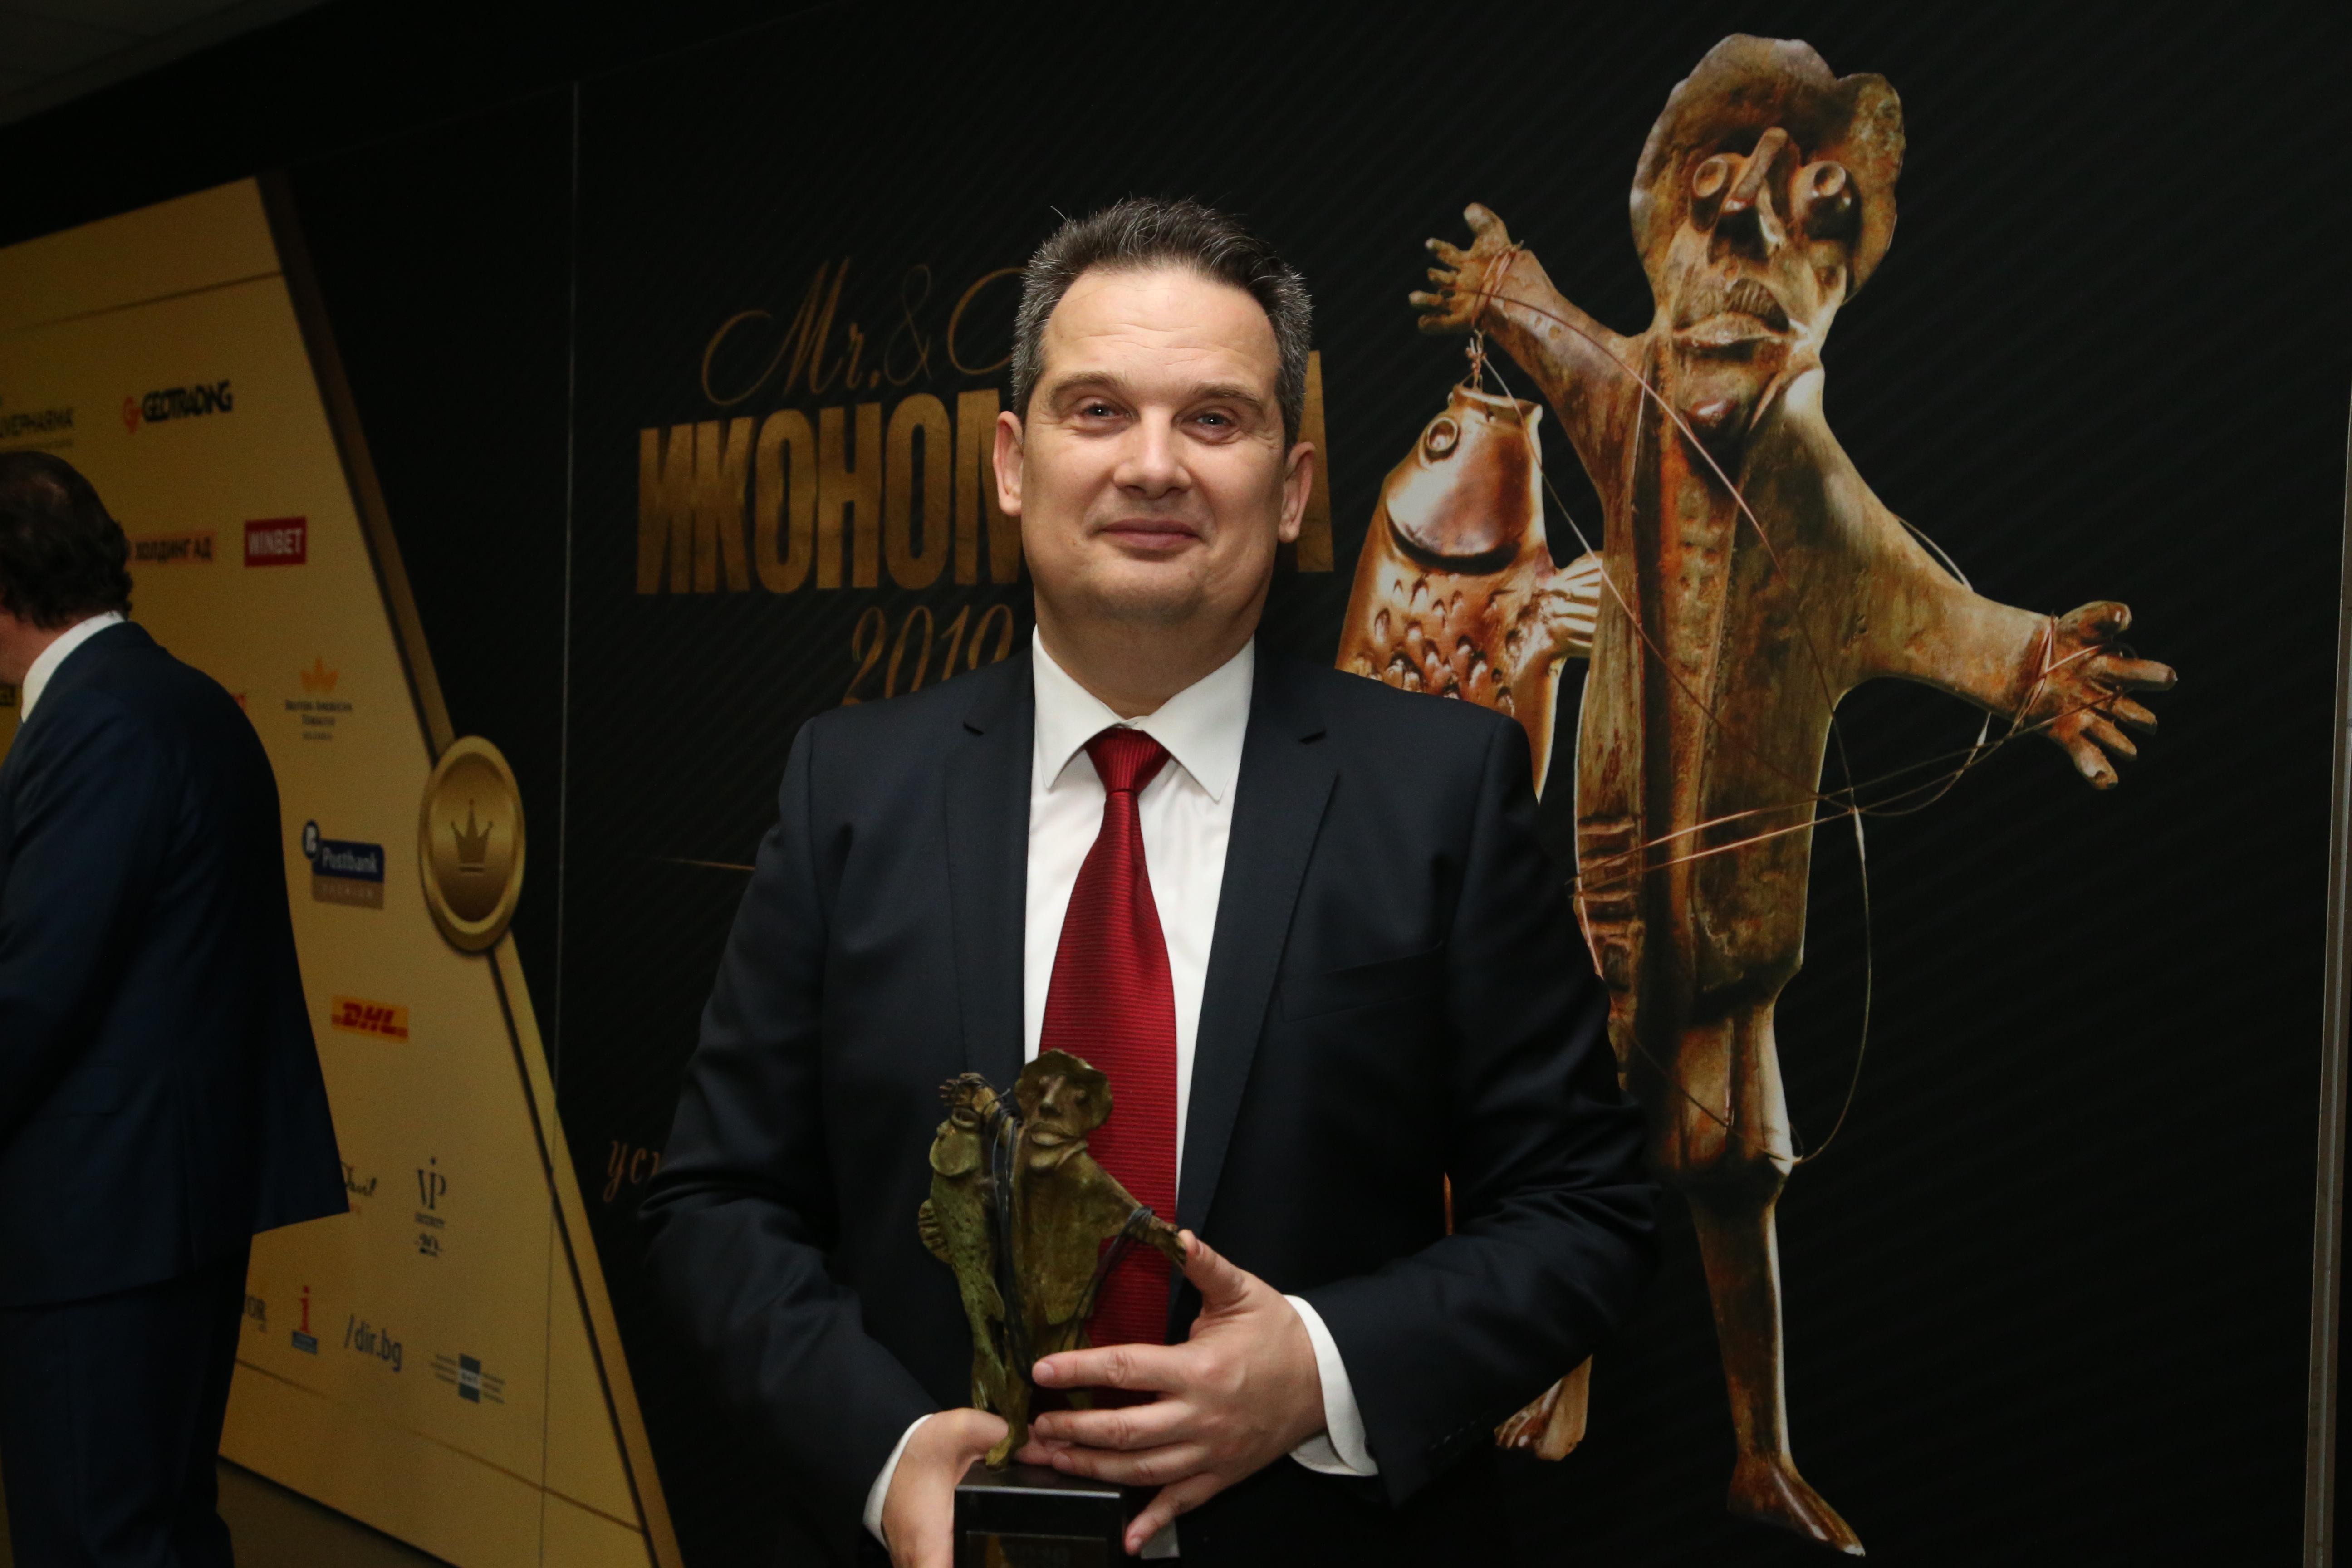 Атанас Добрев с наградата Мистър Икономика